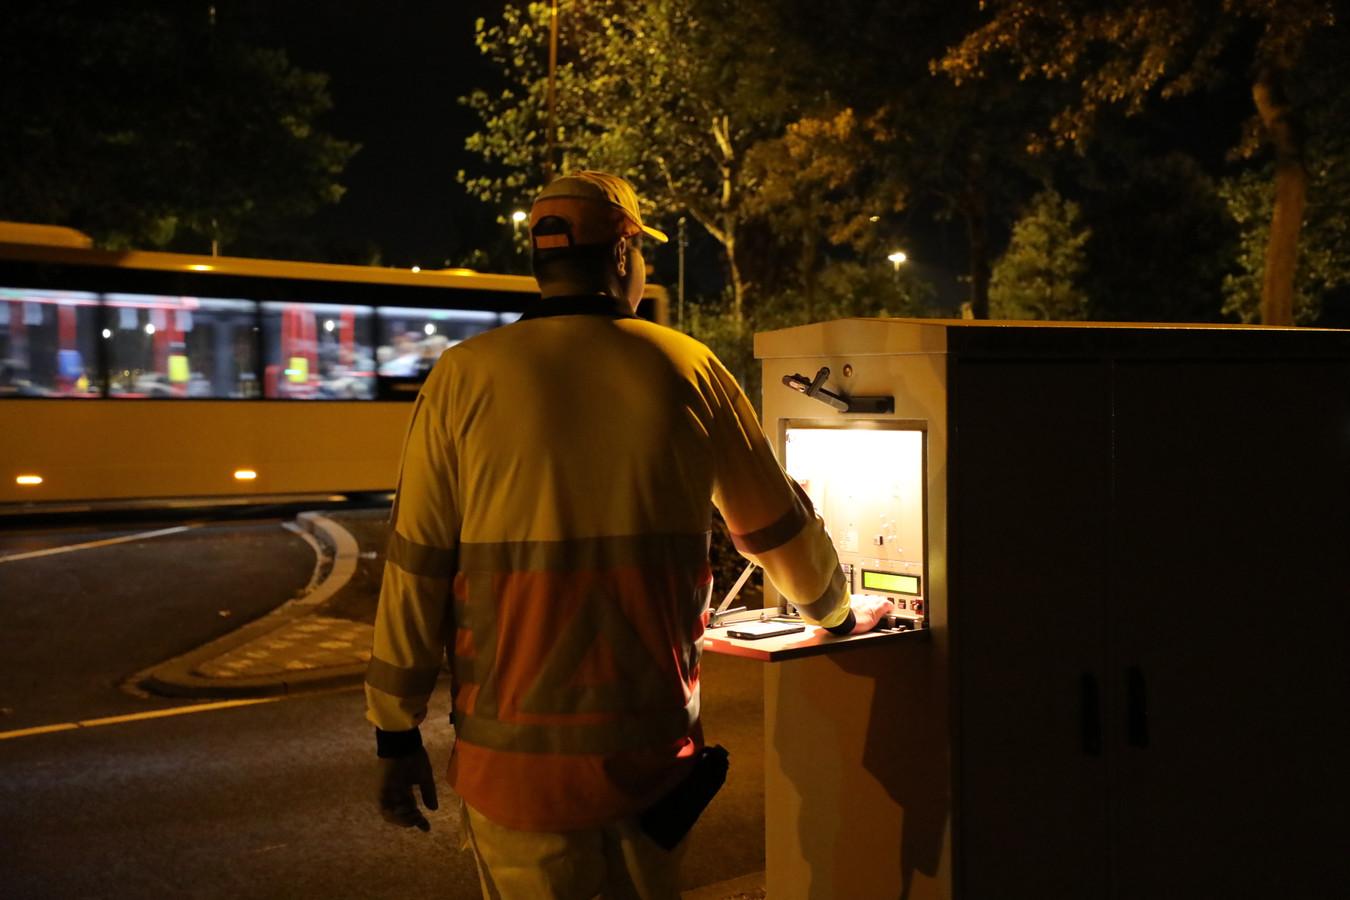 Een verkeersregelaar moest zaterdagavond alle zeilen bijzetten om een ambulance erlangs te loodsen in Kaatsheuvel.